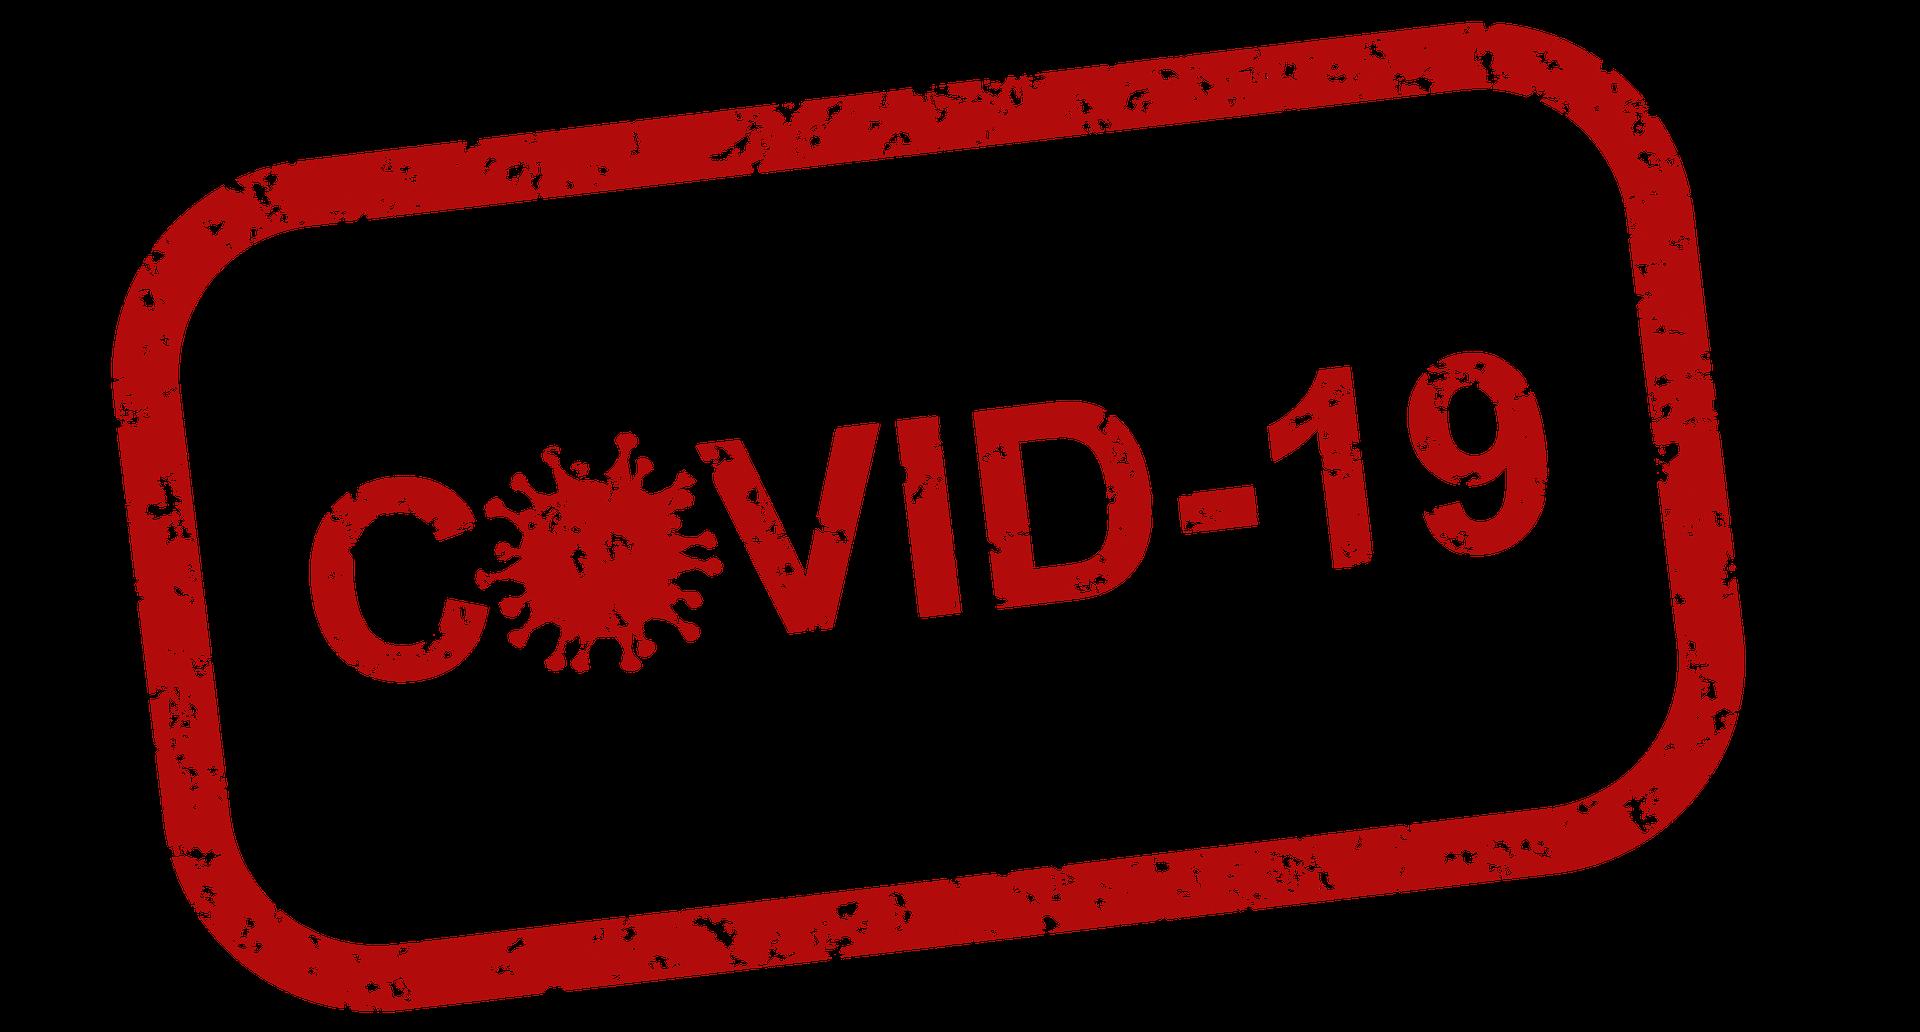 PROTOKOL POSTUPANJA U KRIZNOJ SITUACIJI U SVRHU SPREČAVANJA EPIDEMIJE BOLESTI UZROKOVANE COVID-19